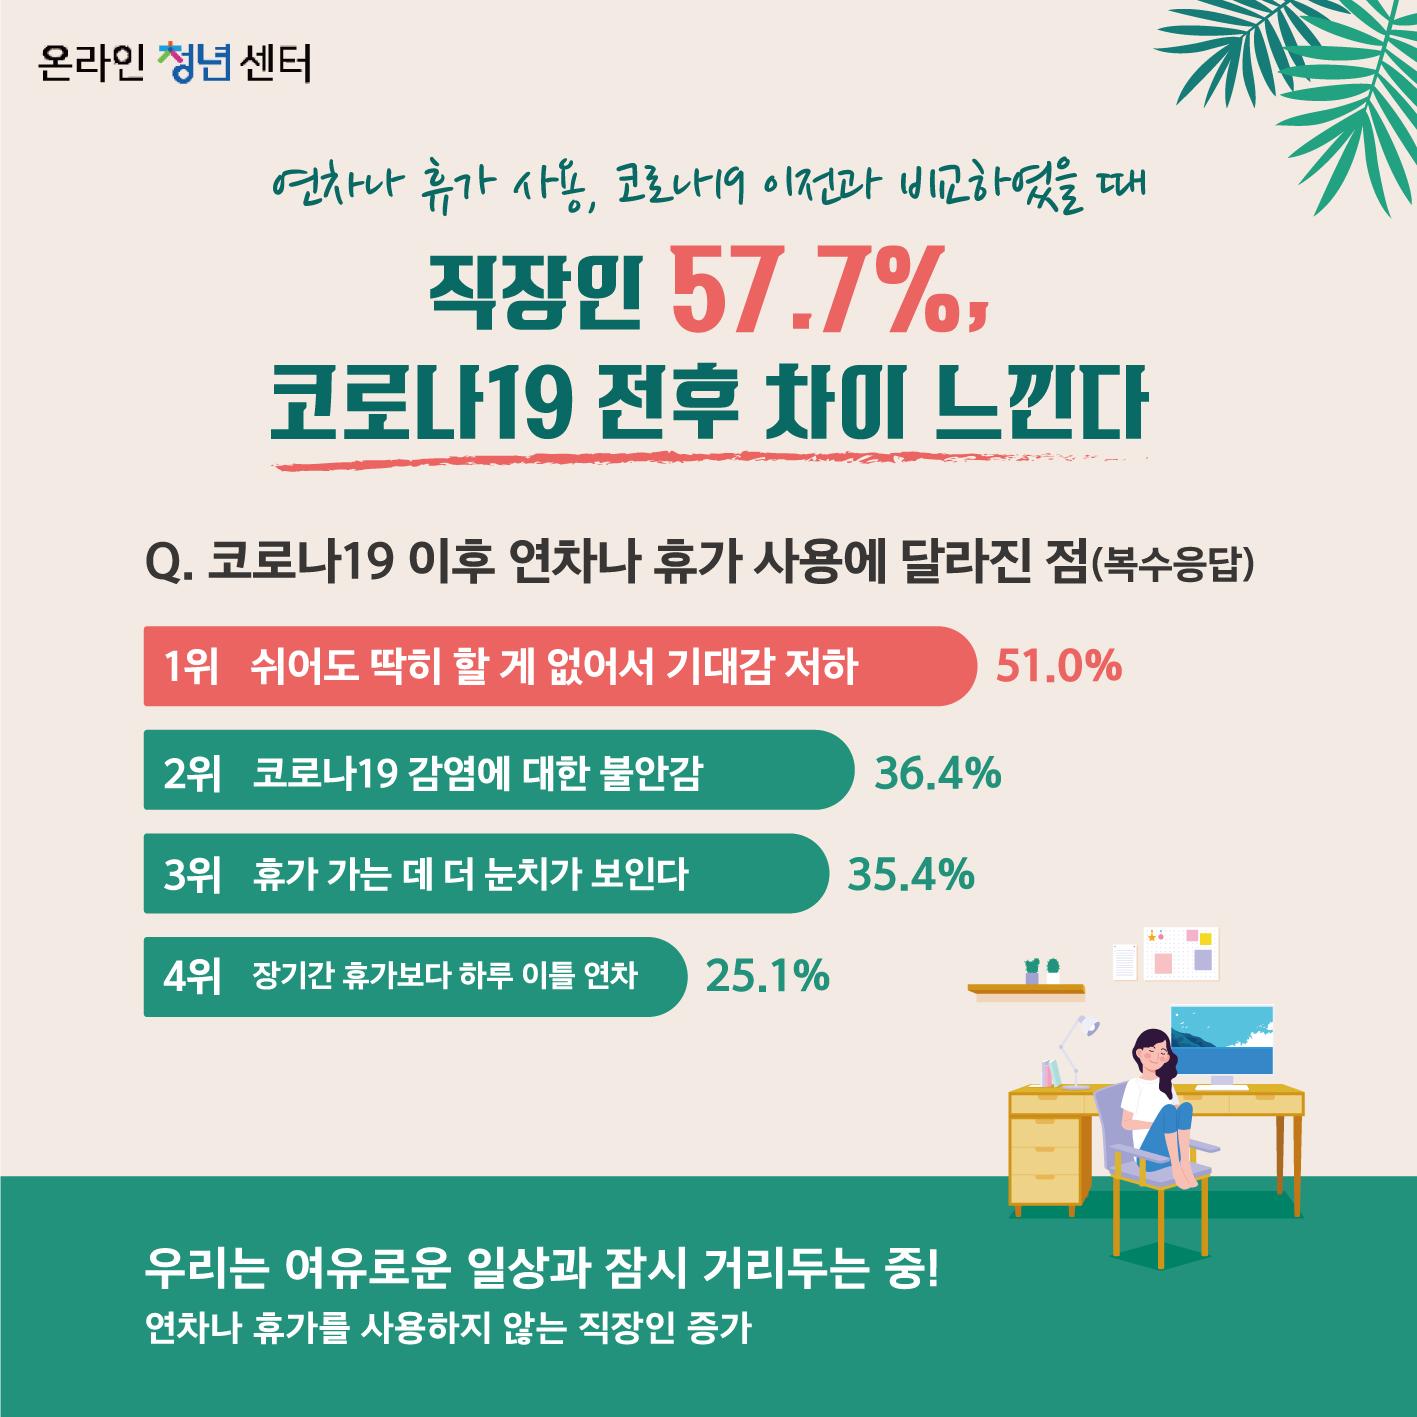 연차나 휴가 사용, 코로나19 이전과 비교하였을 때 직장인 57.7%, 코로나19 전후 차이 느낀다  질문. 코로나19 이후 연차나 휴가 사용에 달라진 점(복수응답) 1위 쉬어도 딱히 할 게 없어서 기대감 저하(51.0%) 2위 코로나19 감염에 대한 불안감(36.4%) 3위 휴가 가는 데 더 눈치가 보인다(35.4%) 4위 장기간 휴가보다 하루 이틀 연차(25.1%)  우리는 여유로운 일상과 잠시 거리두는 중! 연차나 휴가를 사용하지 않는 직장인 증가